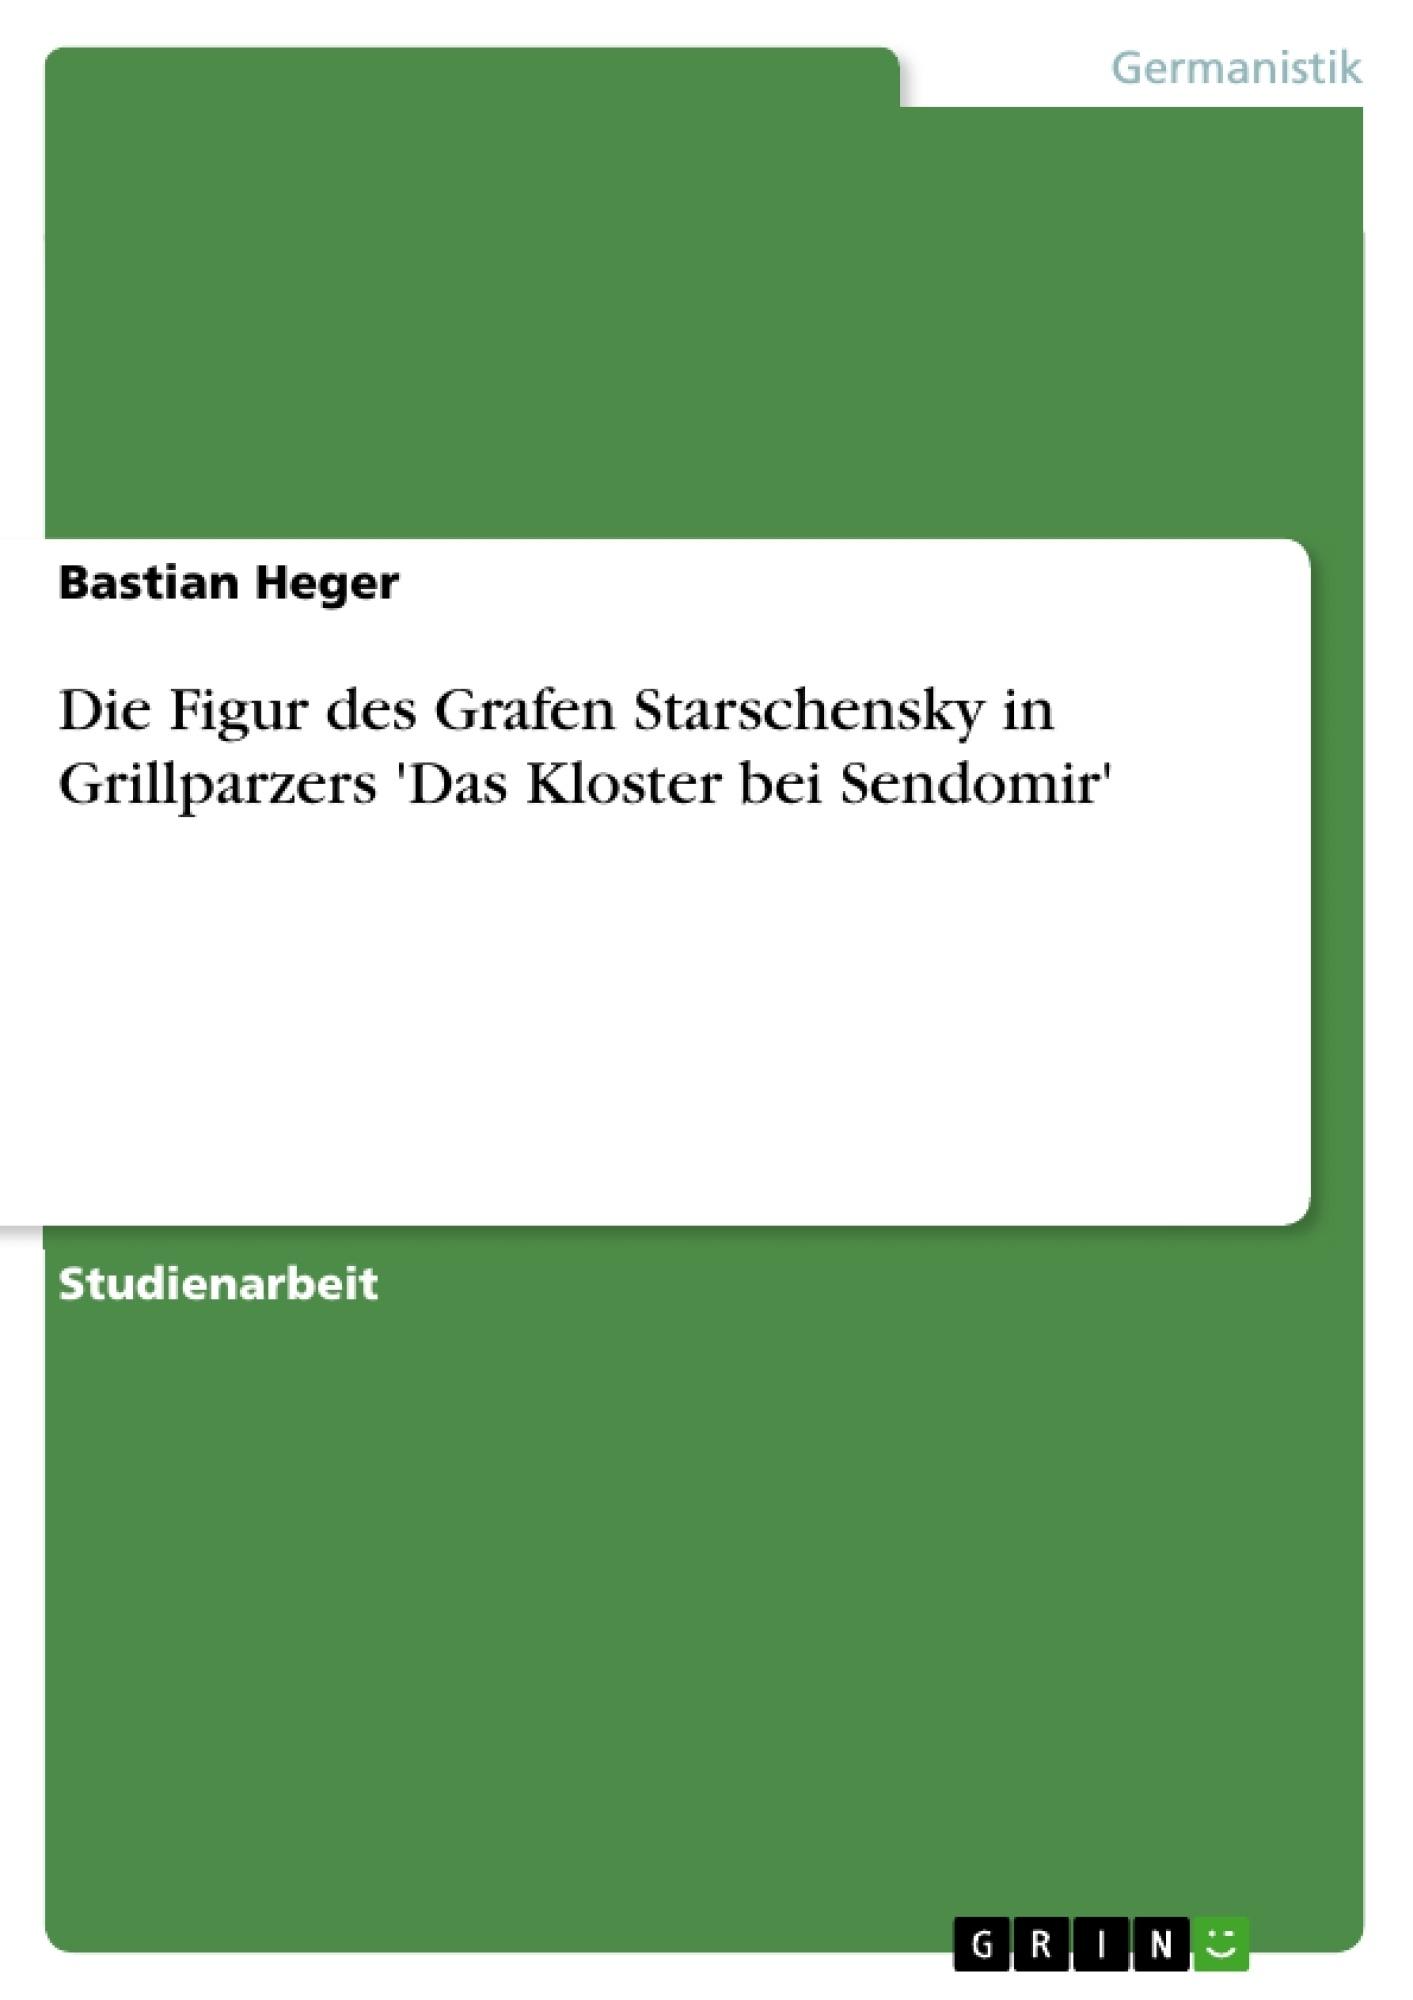 Titel: Die Figur des Grafen Starschensky in Grillparzers 'Das Kloster bei Sendomir'